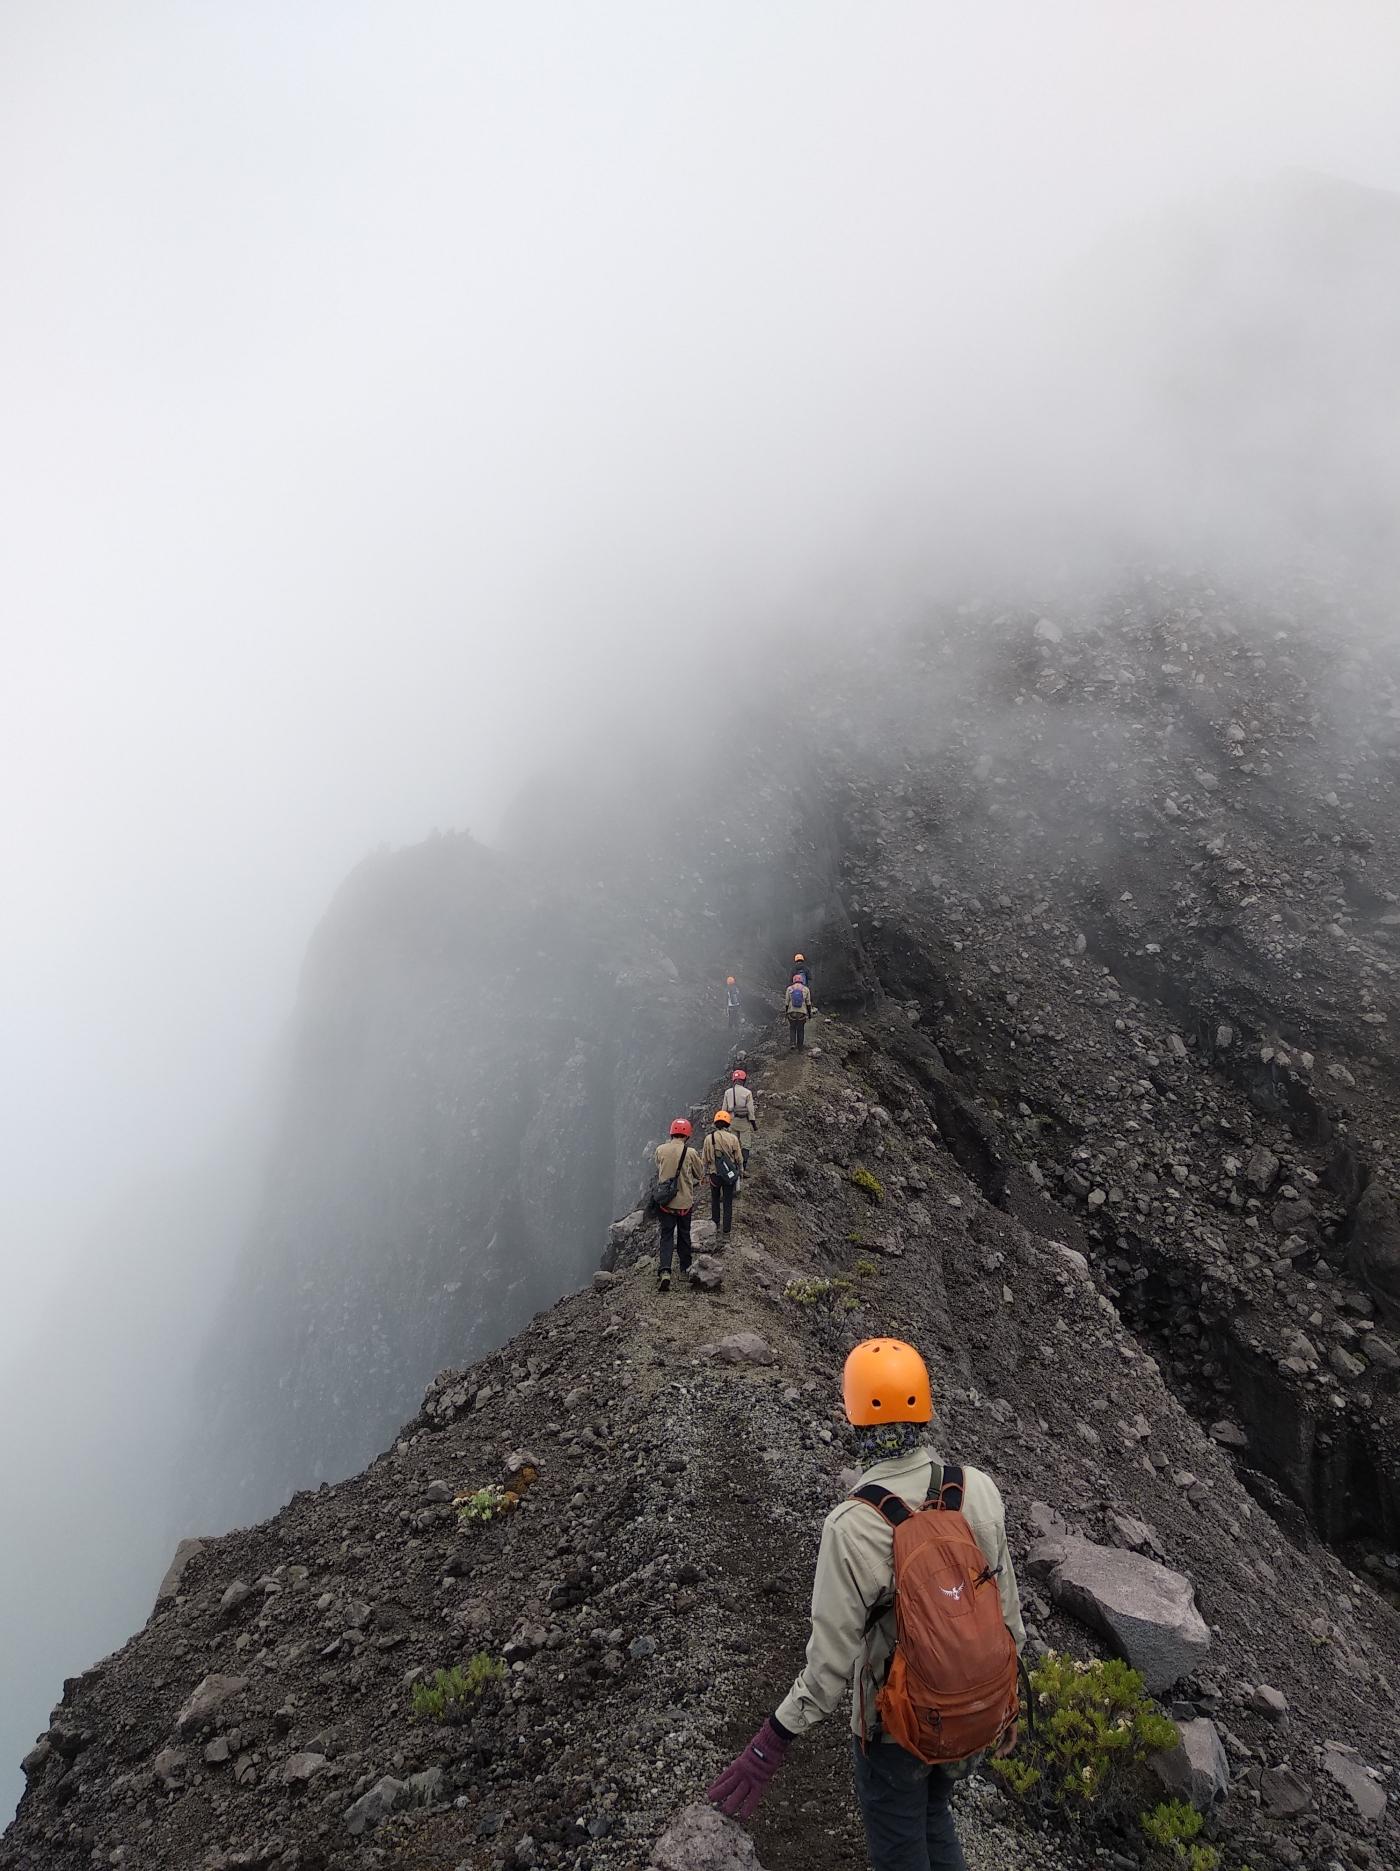 16+ Gunung Raung Dari Jauh Pictures